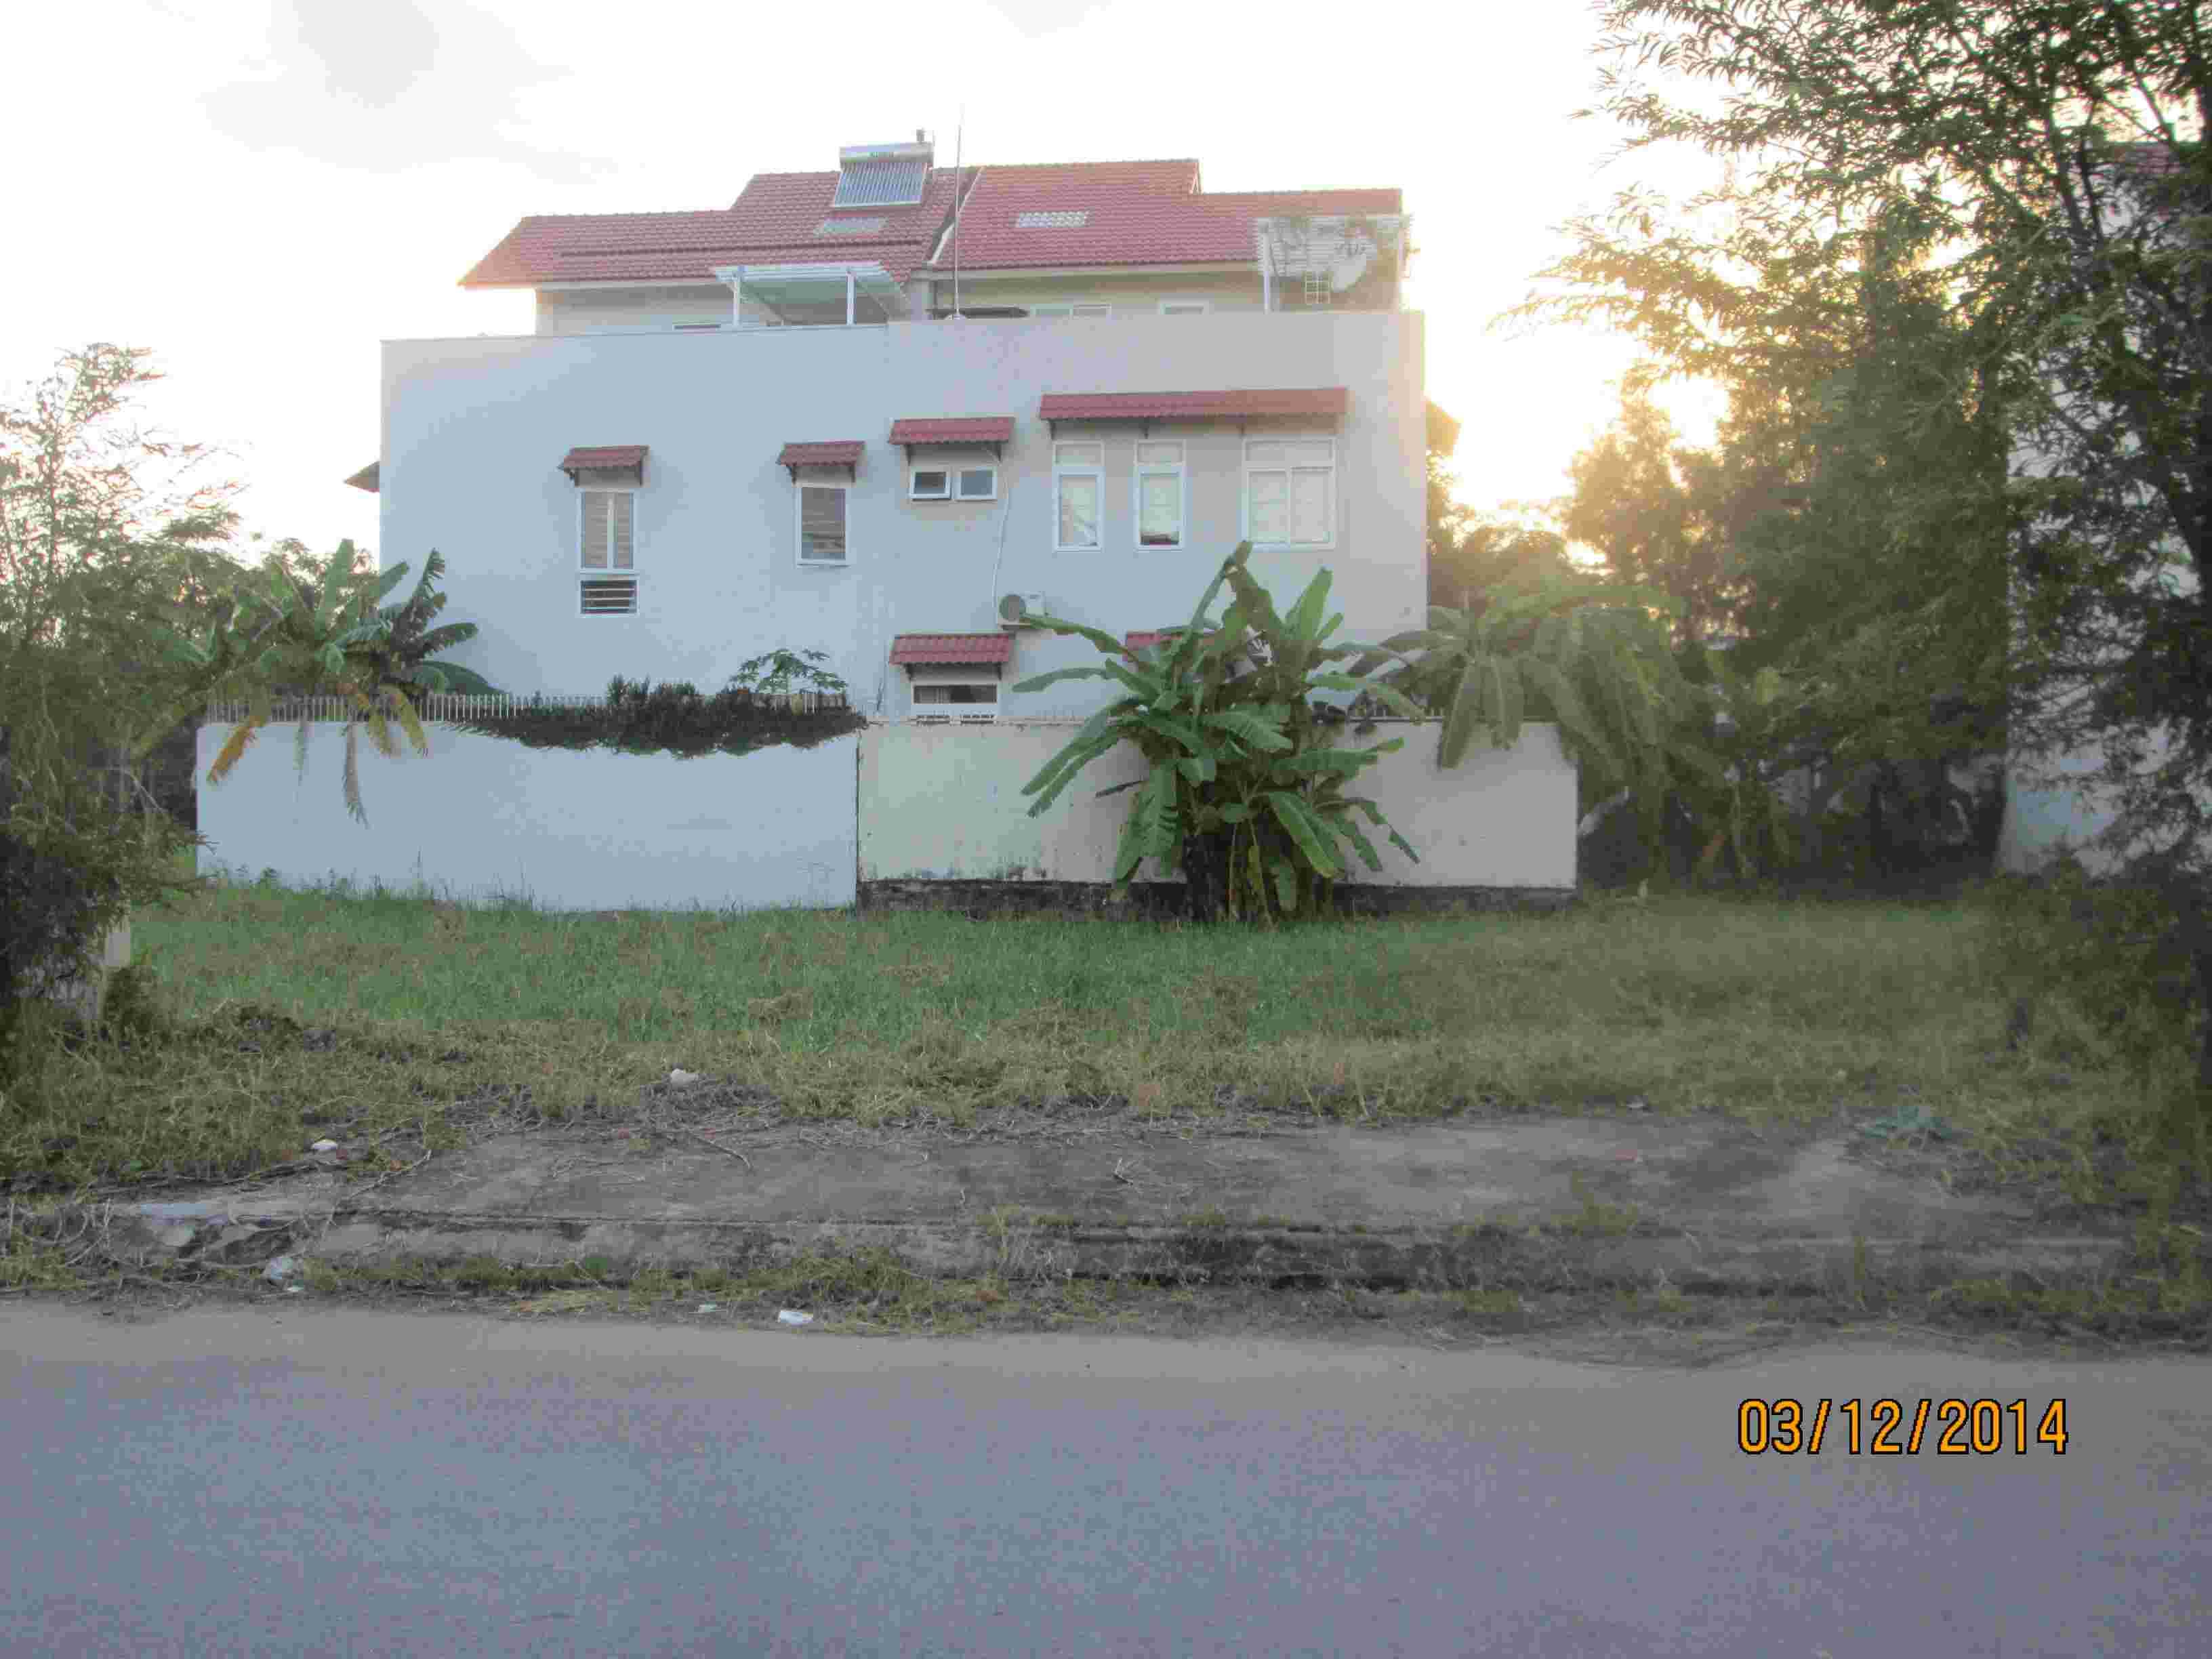 Bán đất nền biệt thự Sadeco Phước Kiển A, lô C14, 200m2, MT đường 16m, hướng Đông, giá 70 triệu/m2